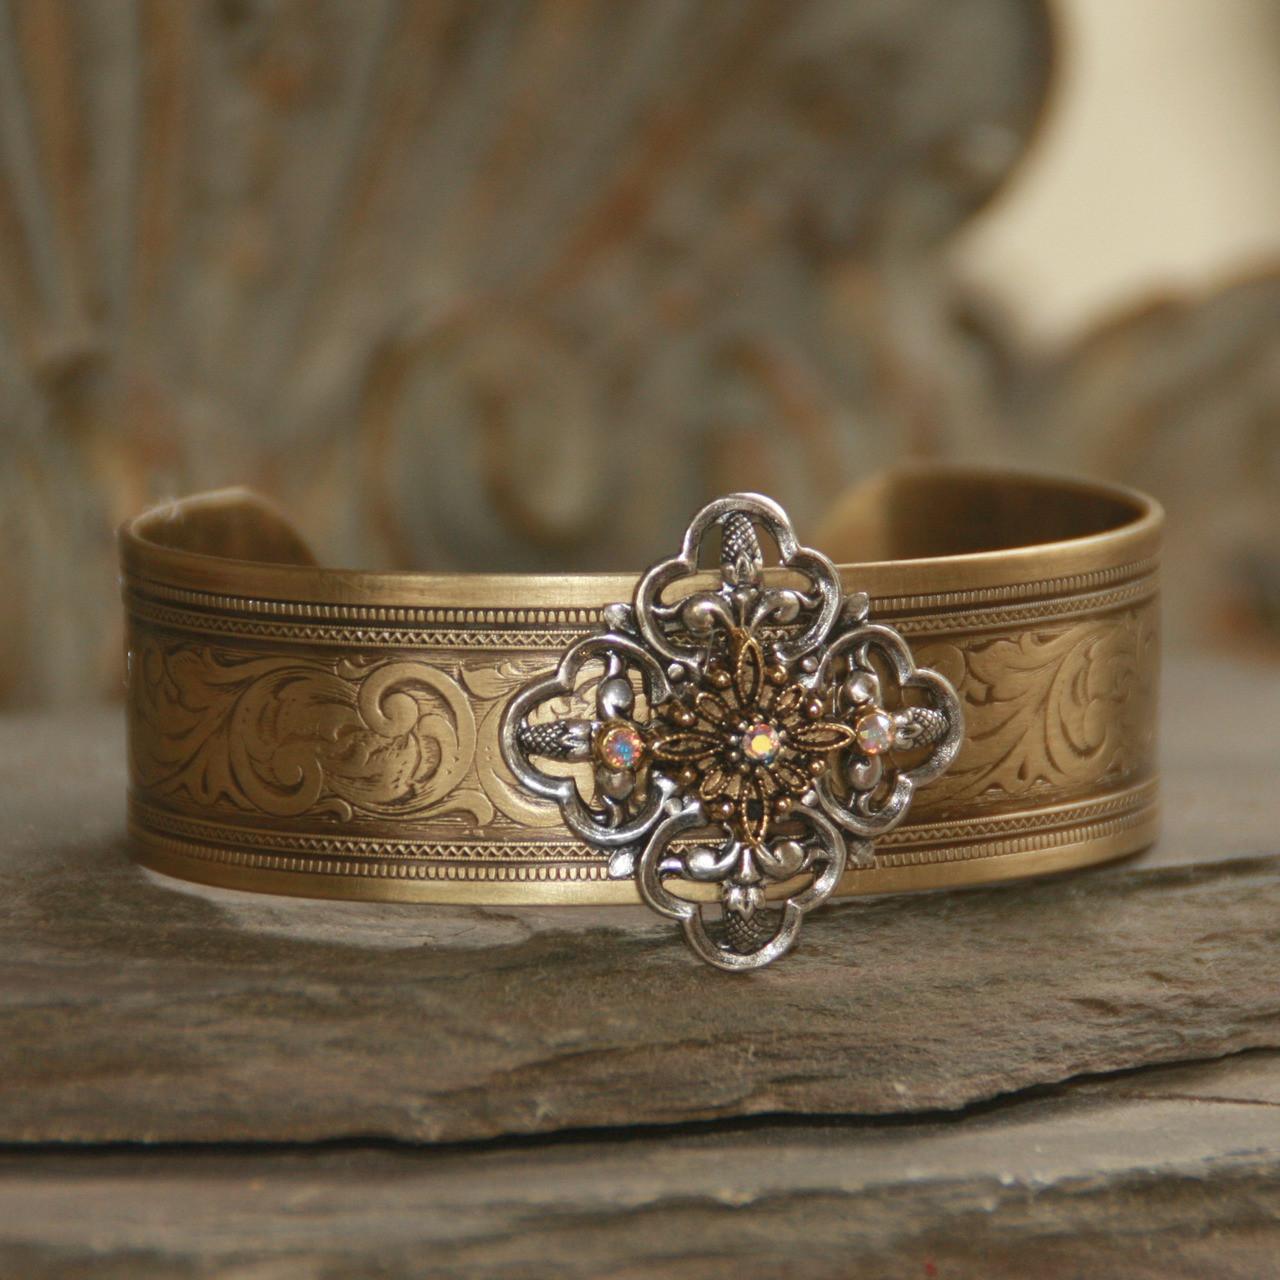 ART-162  Vintage Stylw Filagree Cuff Bracelet